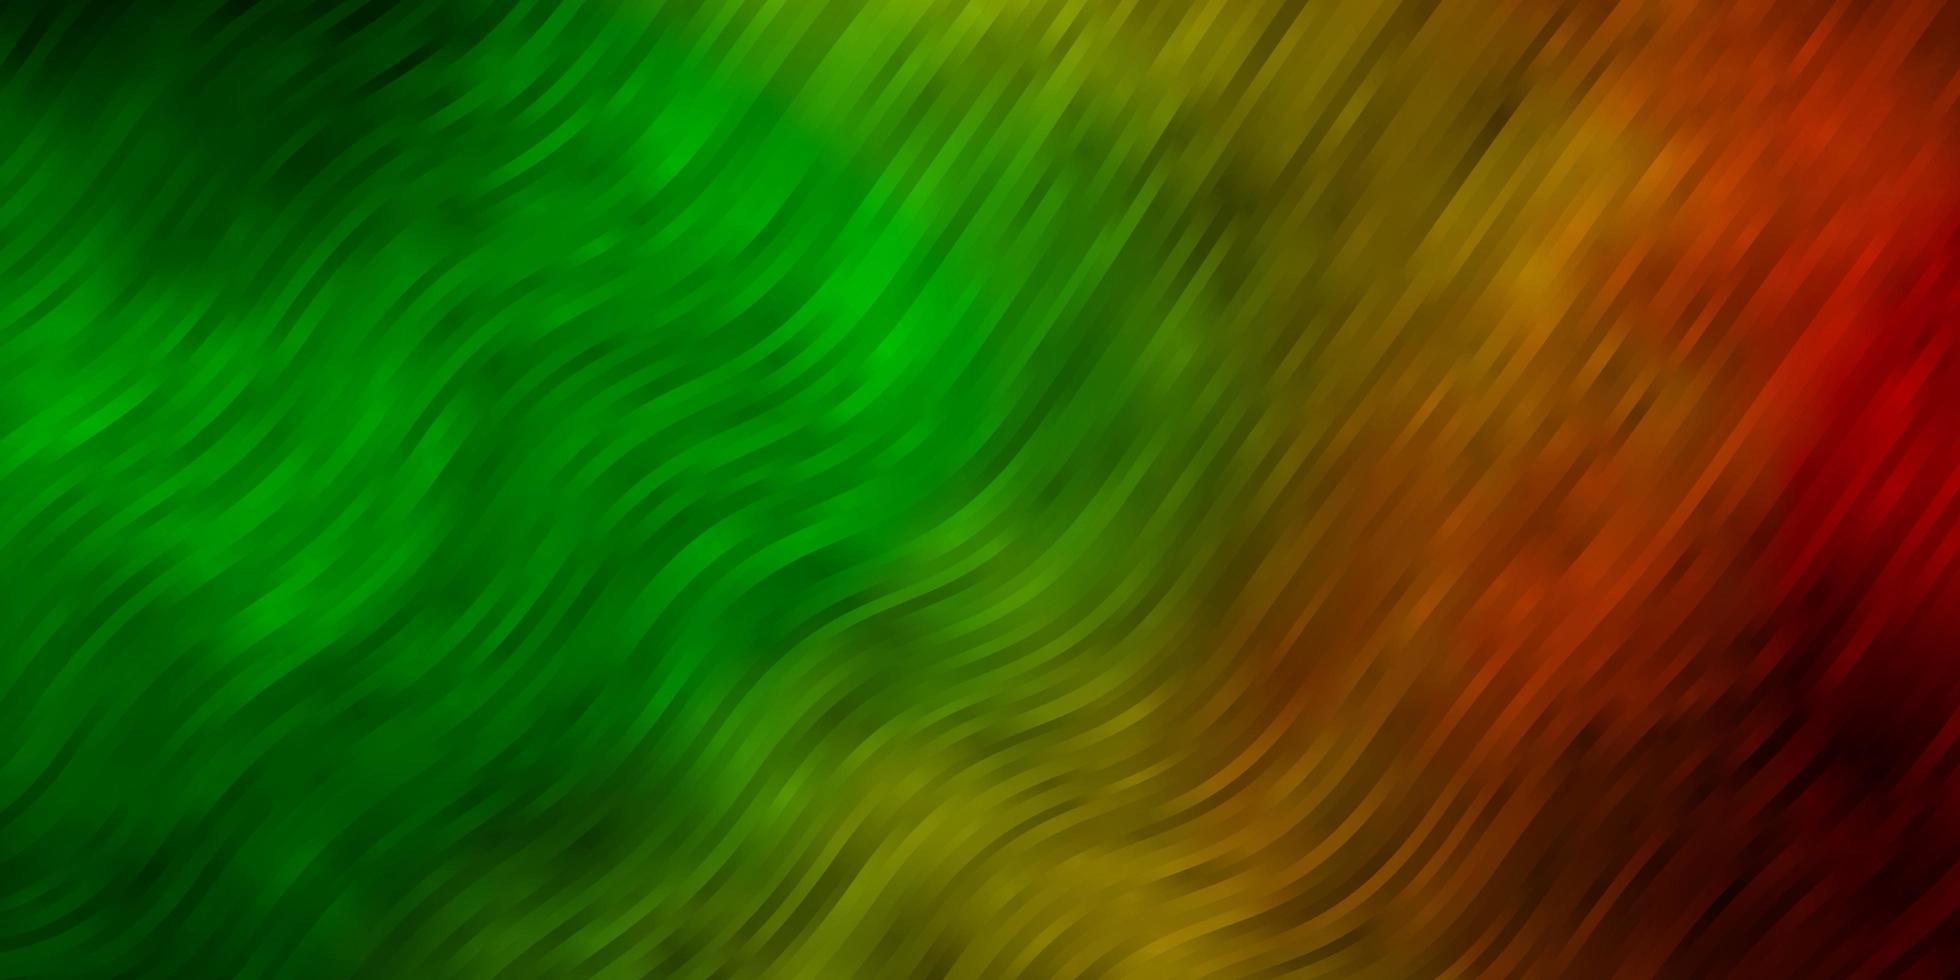 trama vettoriale verde scuro, giallo con linee ironiche.